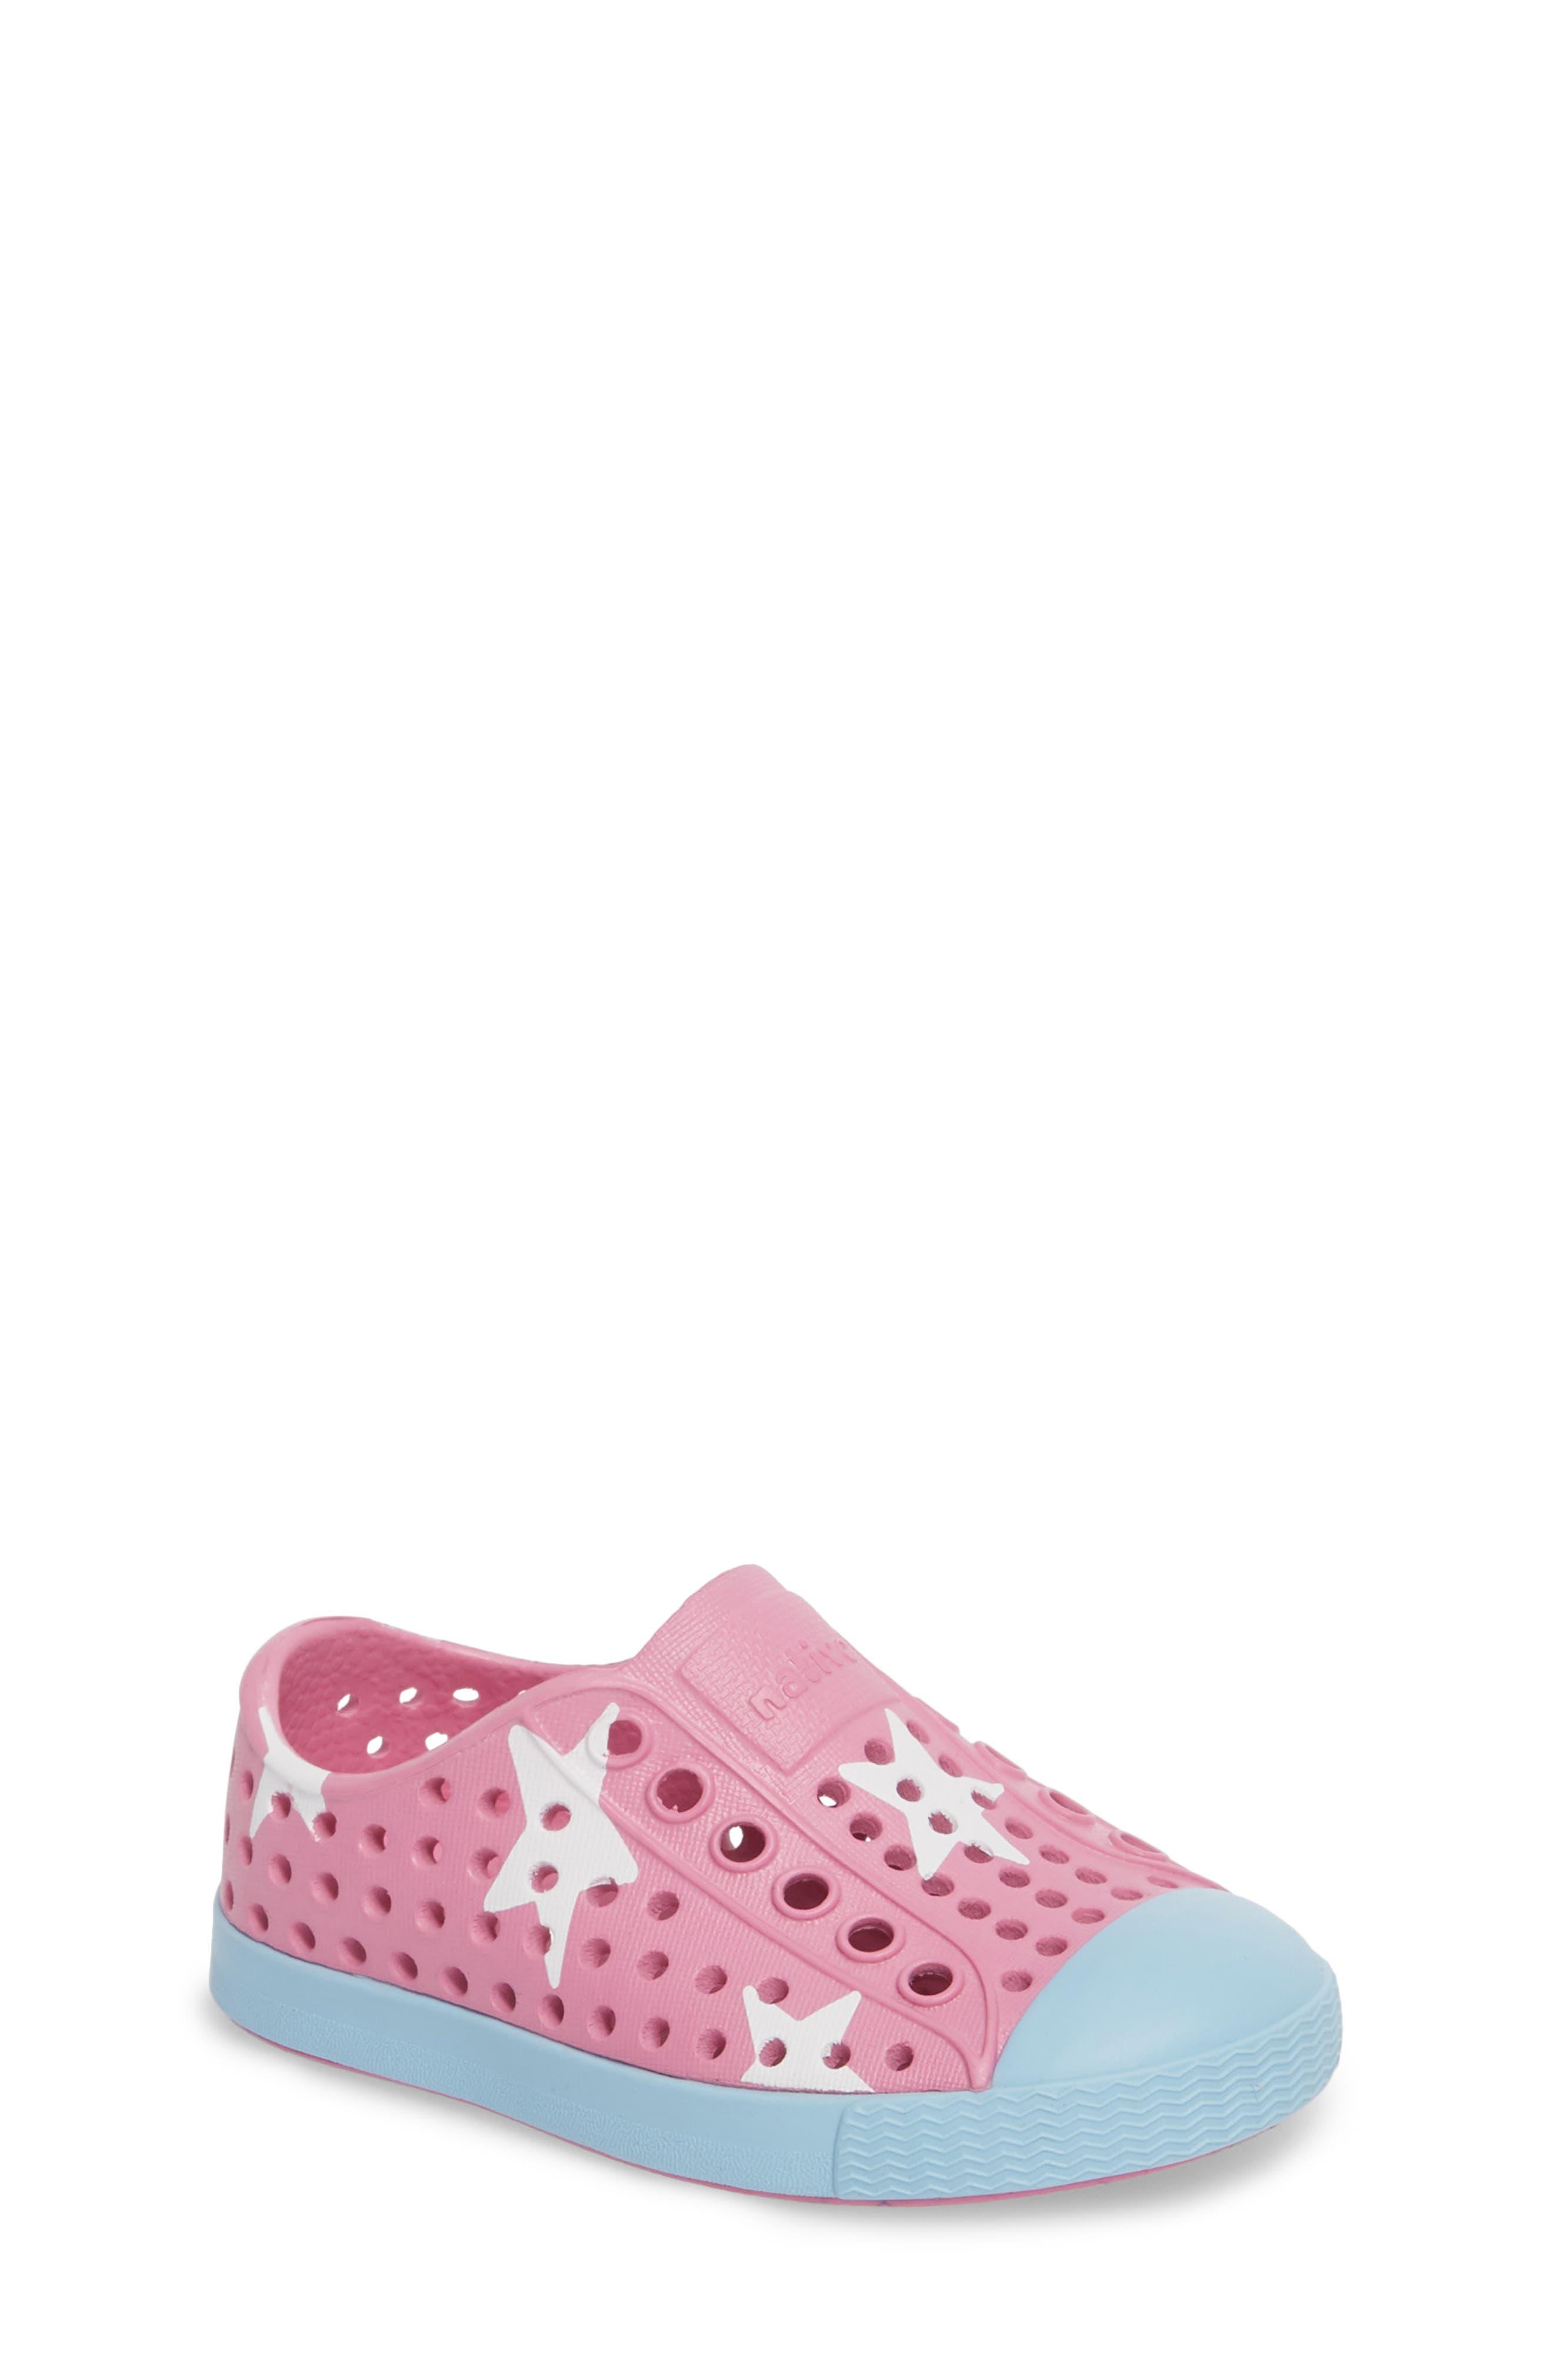 Native Shoes Jefferson Quartz Slip-On Sneaker (Baby, Walker, Toddler &  Little